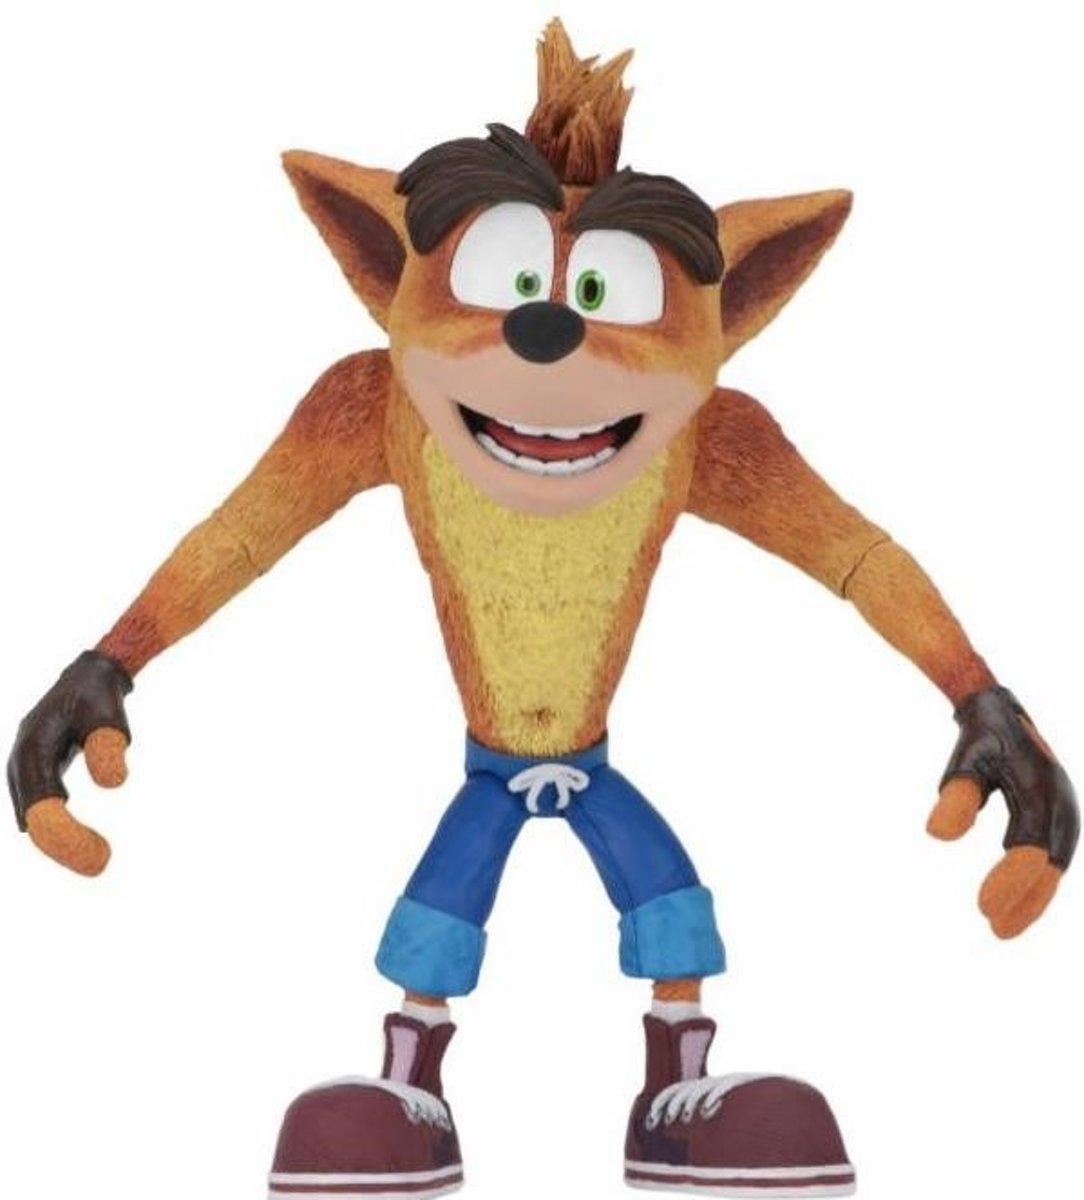 Crash Bandicoot 7 Neca Articulate Figure